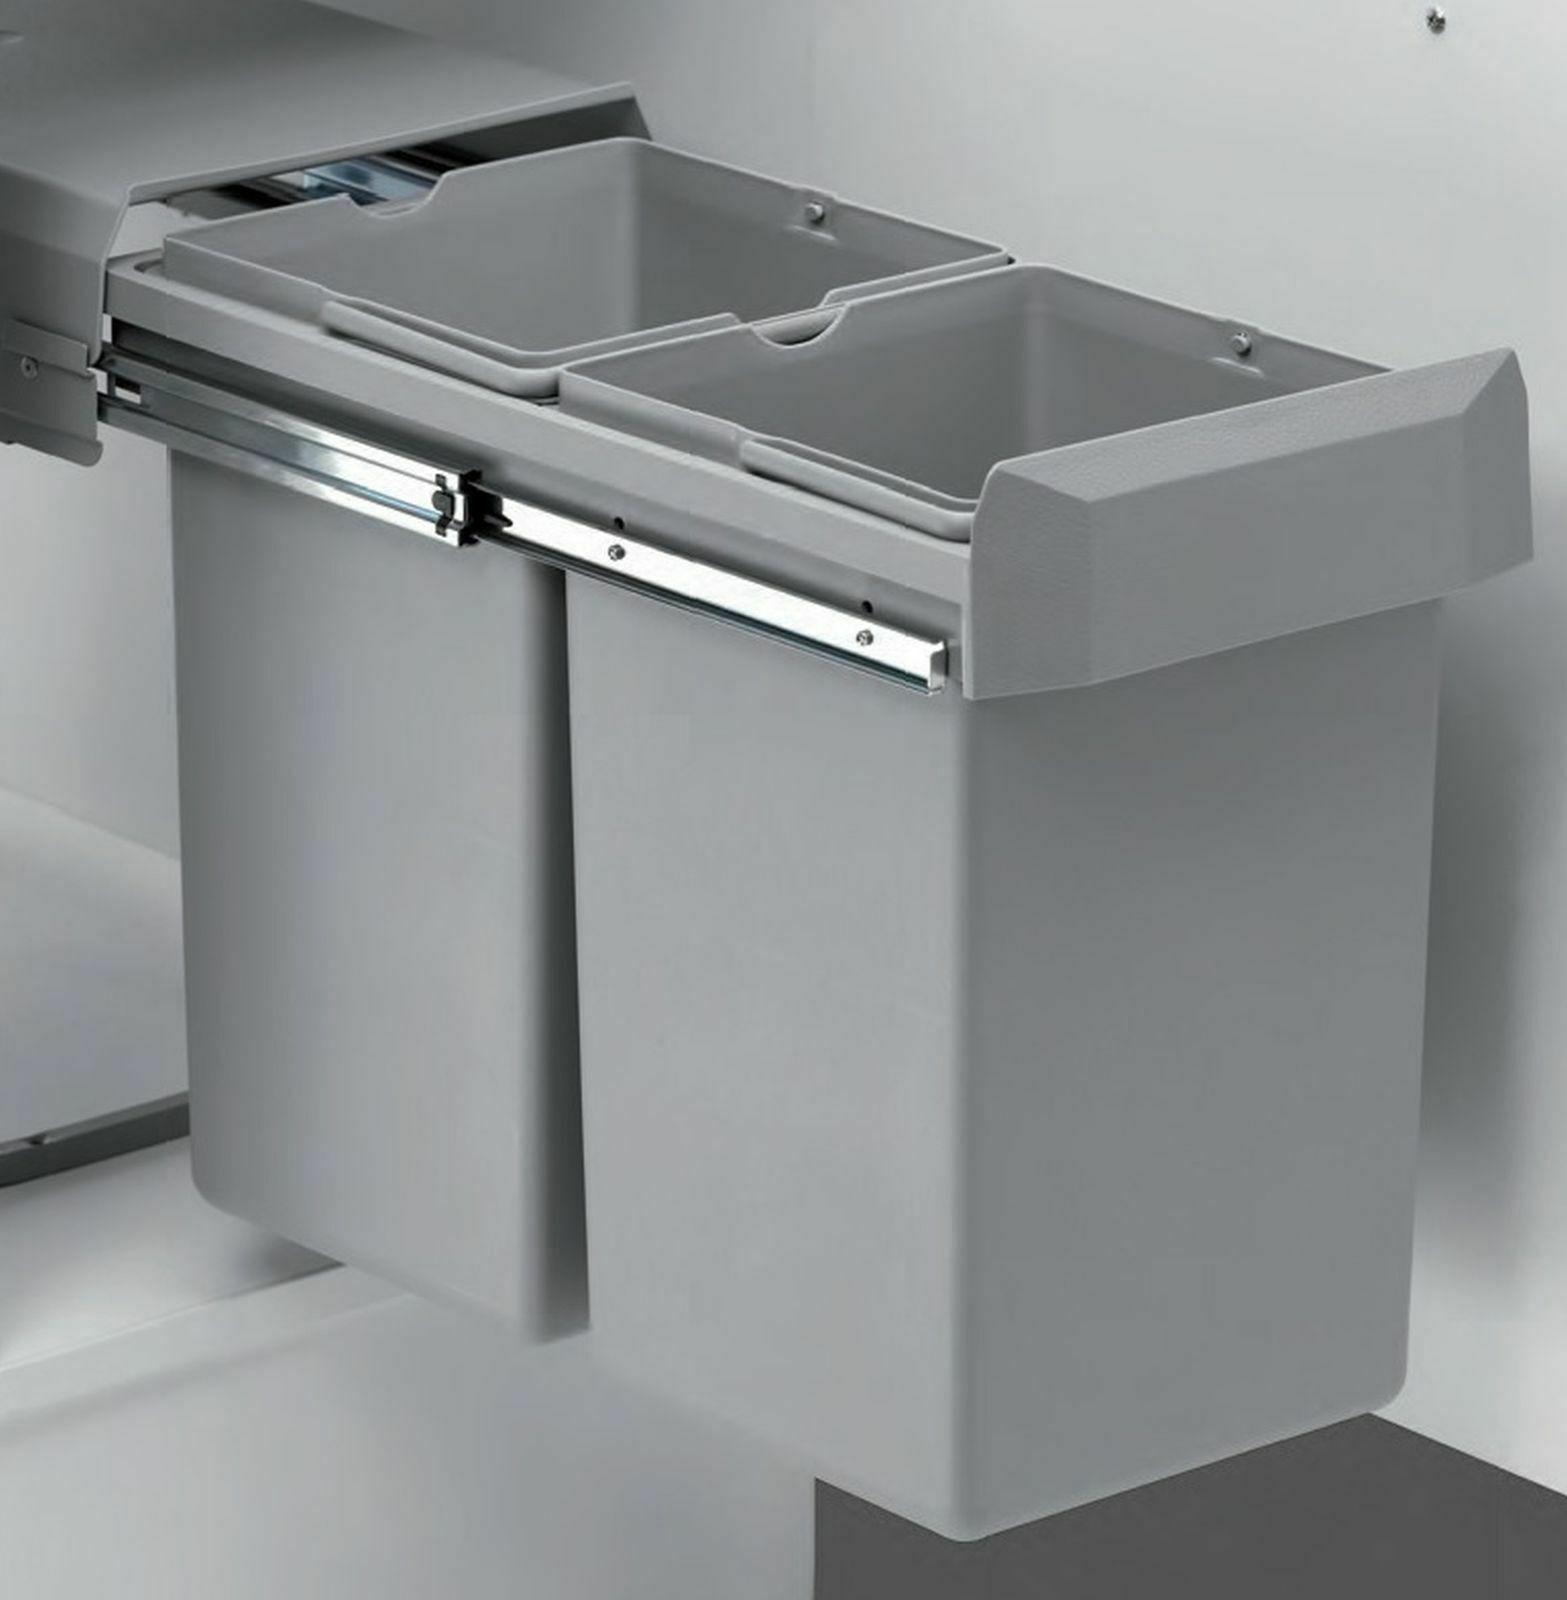 Wesco Küchen Mülleimer 2x15 Liter Einbau Mülltrennung Abfall ...